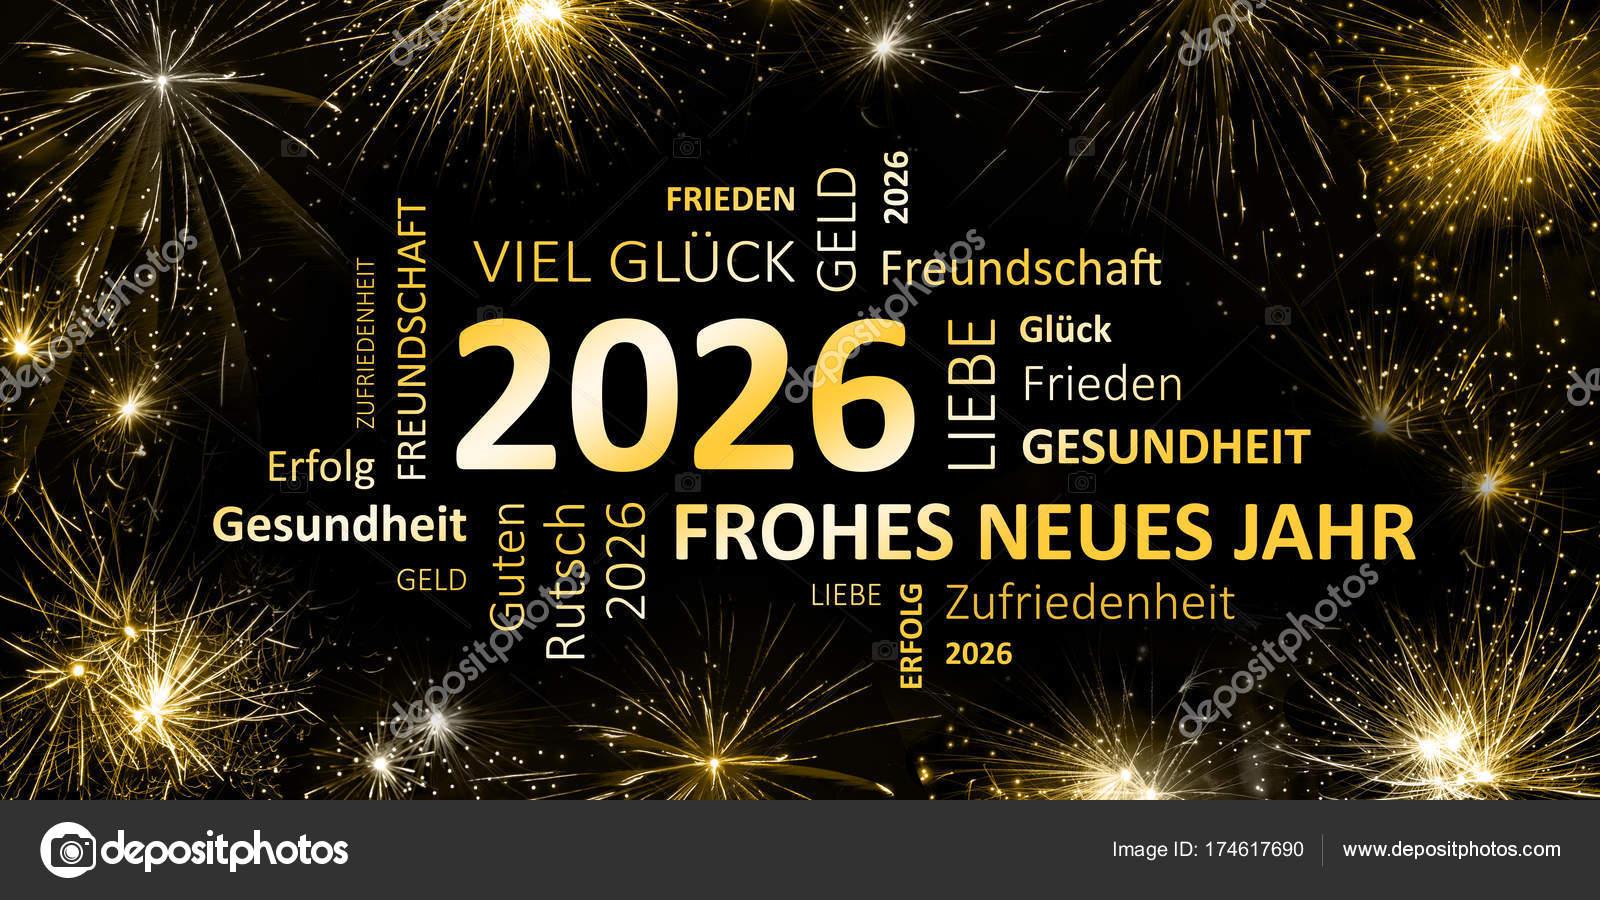 Duits Greeting Card Frohes Neues Jahr Gelukkig Nieuwjaar 2026